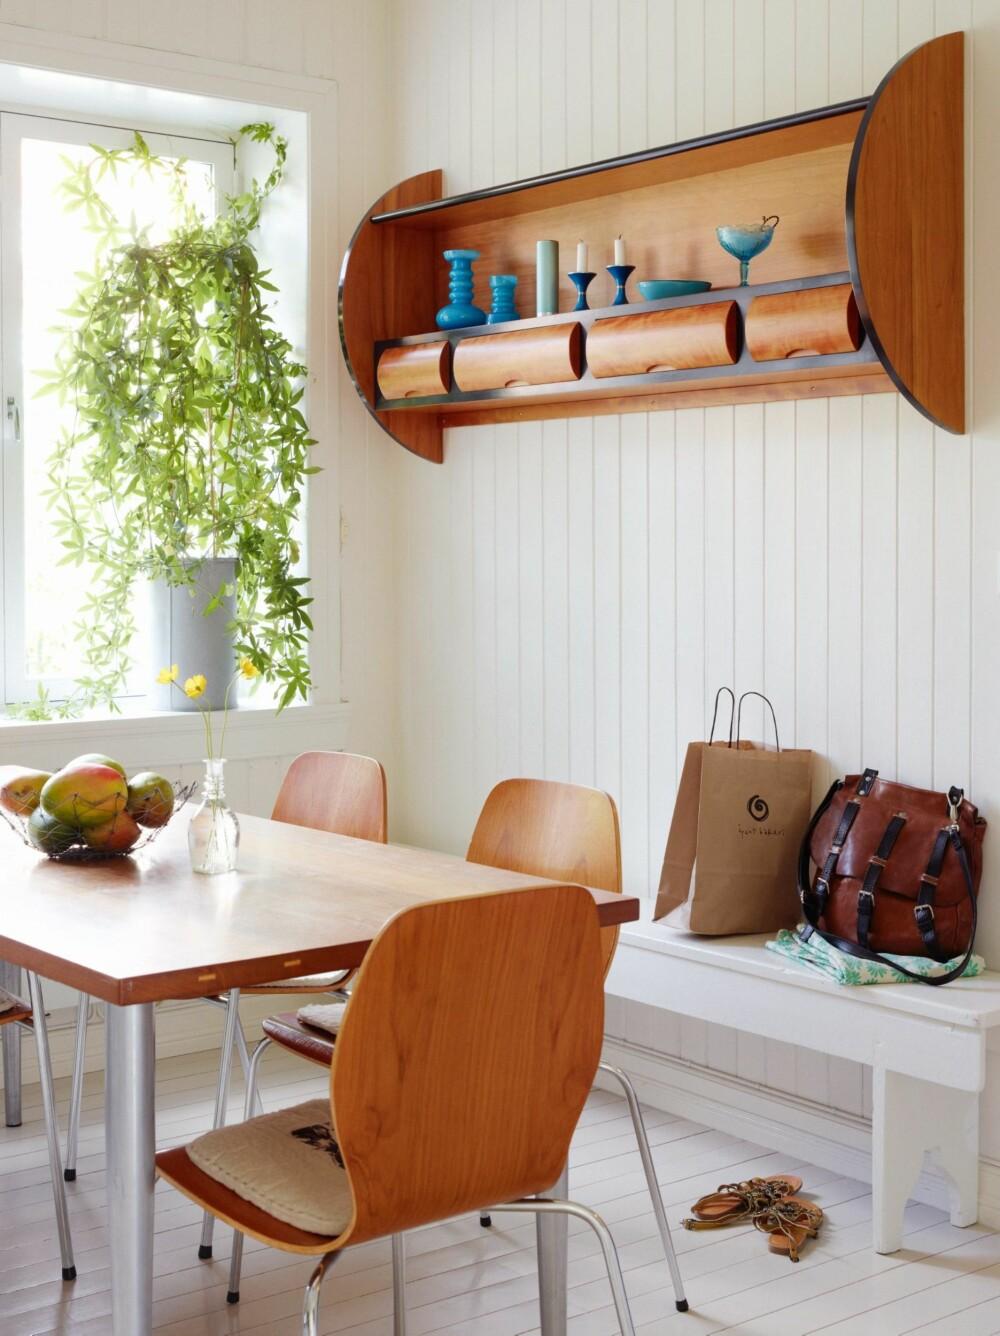 BRUKTKJØP OG EGENDESIGN: De norske skallstolene er fra et loppemarked. Eva har selv laget det vegghengte hyllemøbelet, mens Jon Geir har laget bordet av gamle teakmaterialer.